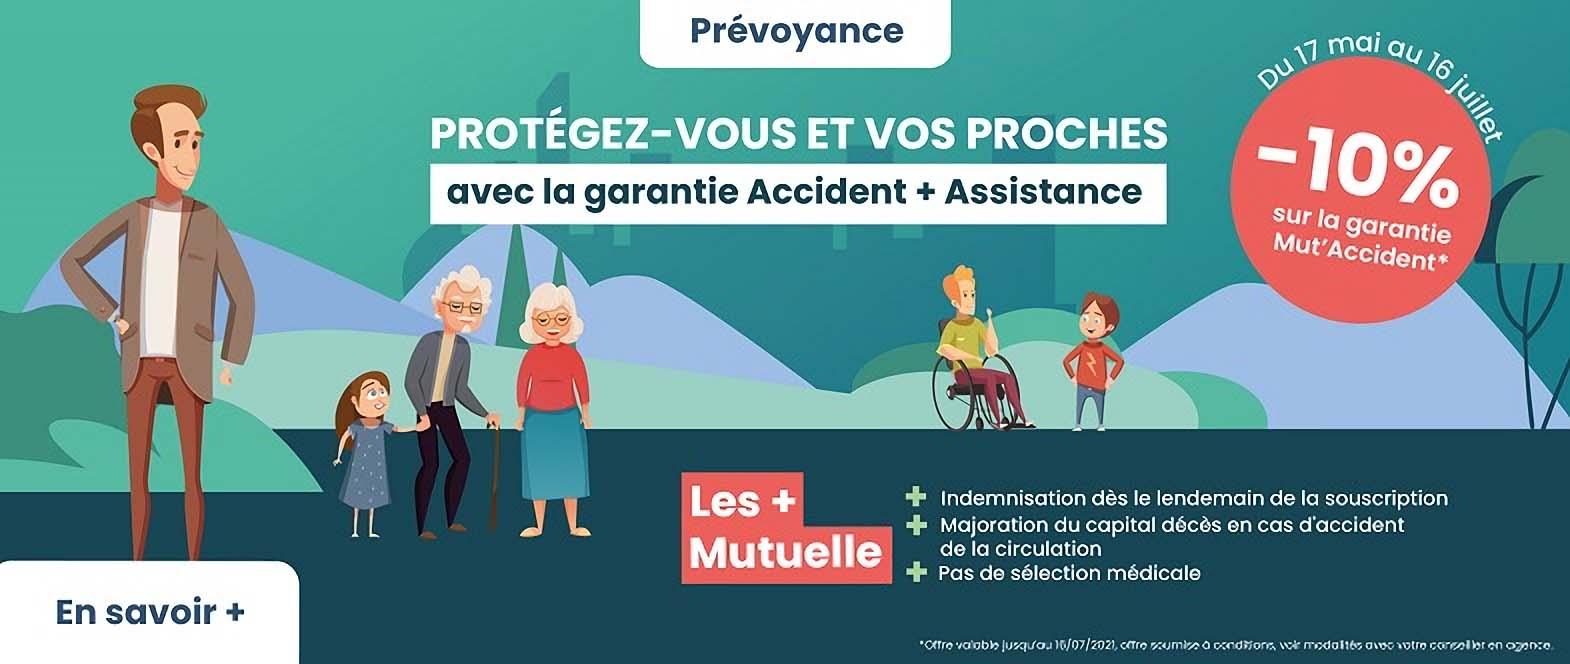 Offre prévoyance accident